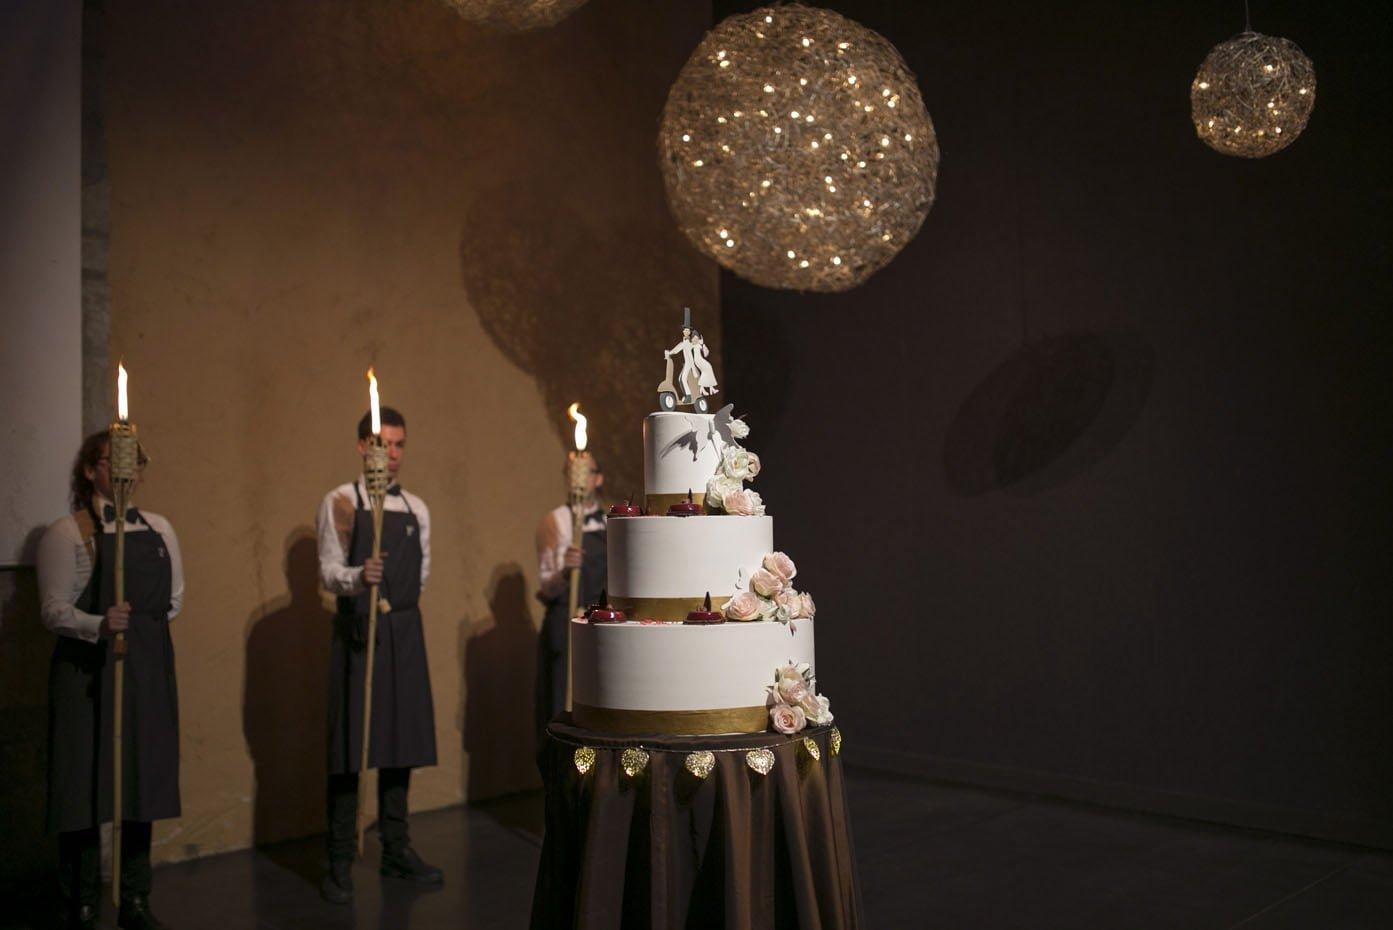 Casaments-ca-nalzina-espai-gastronomia9